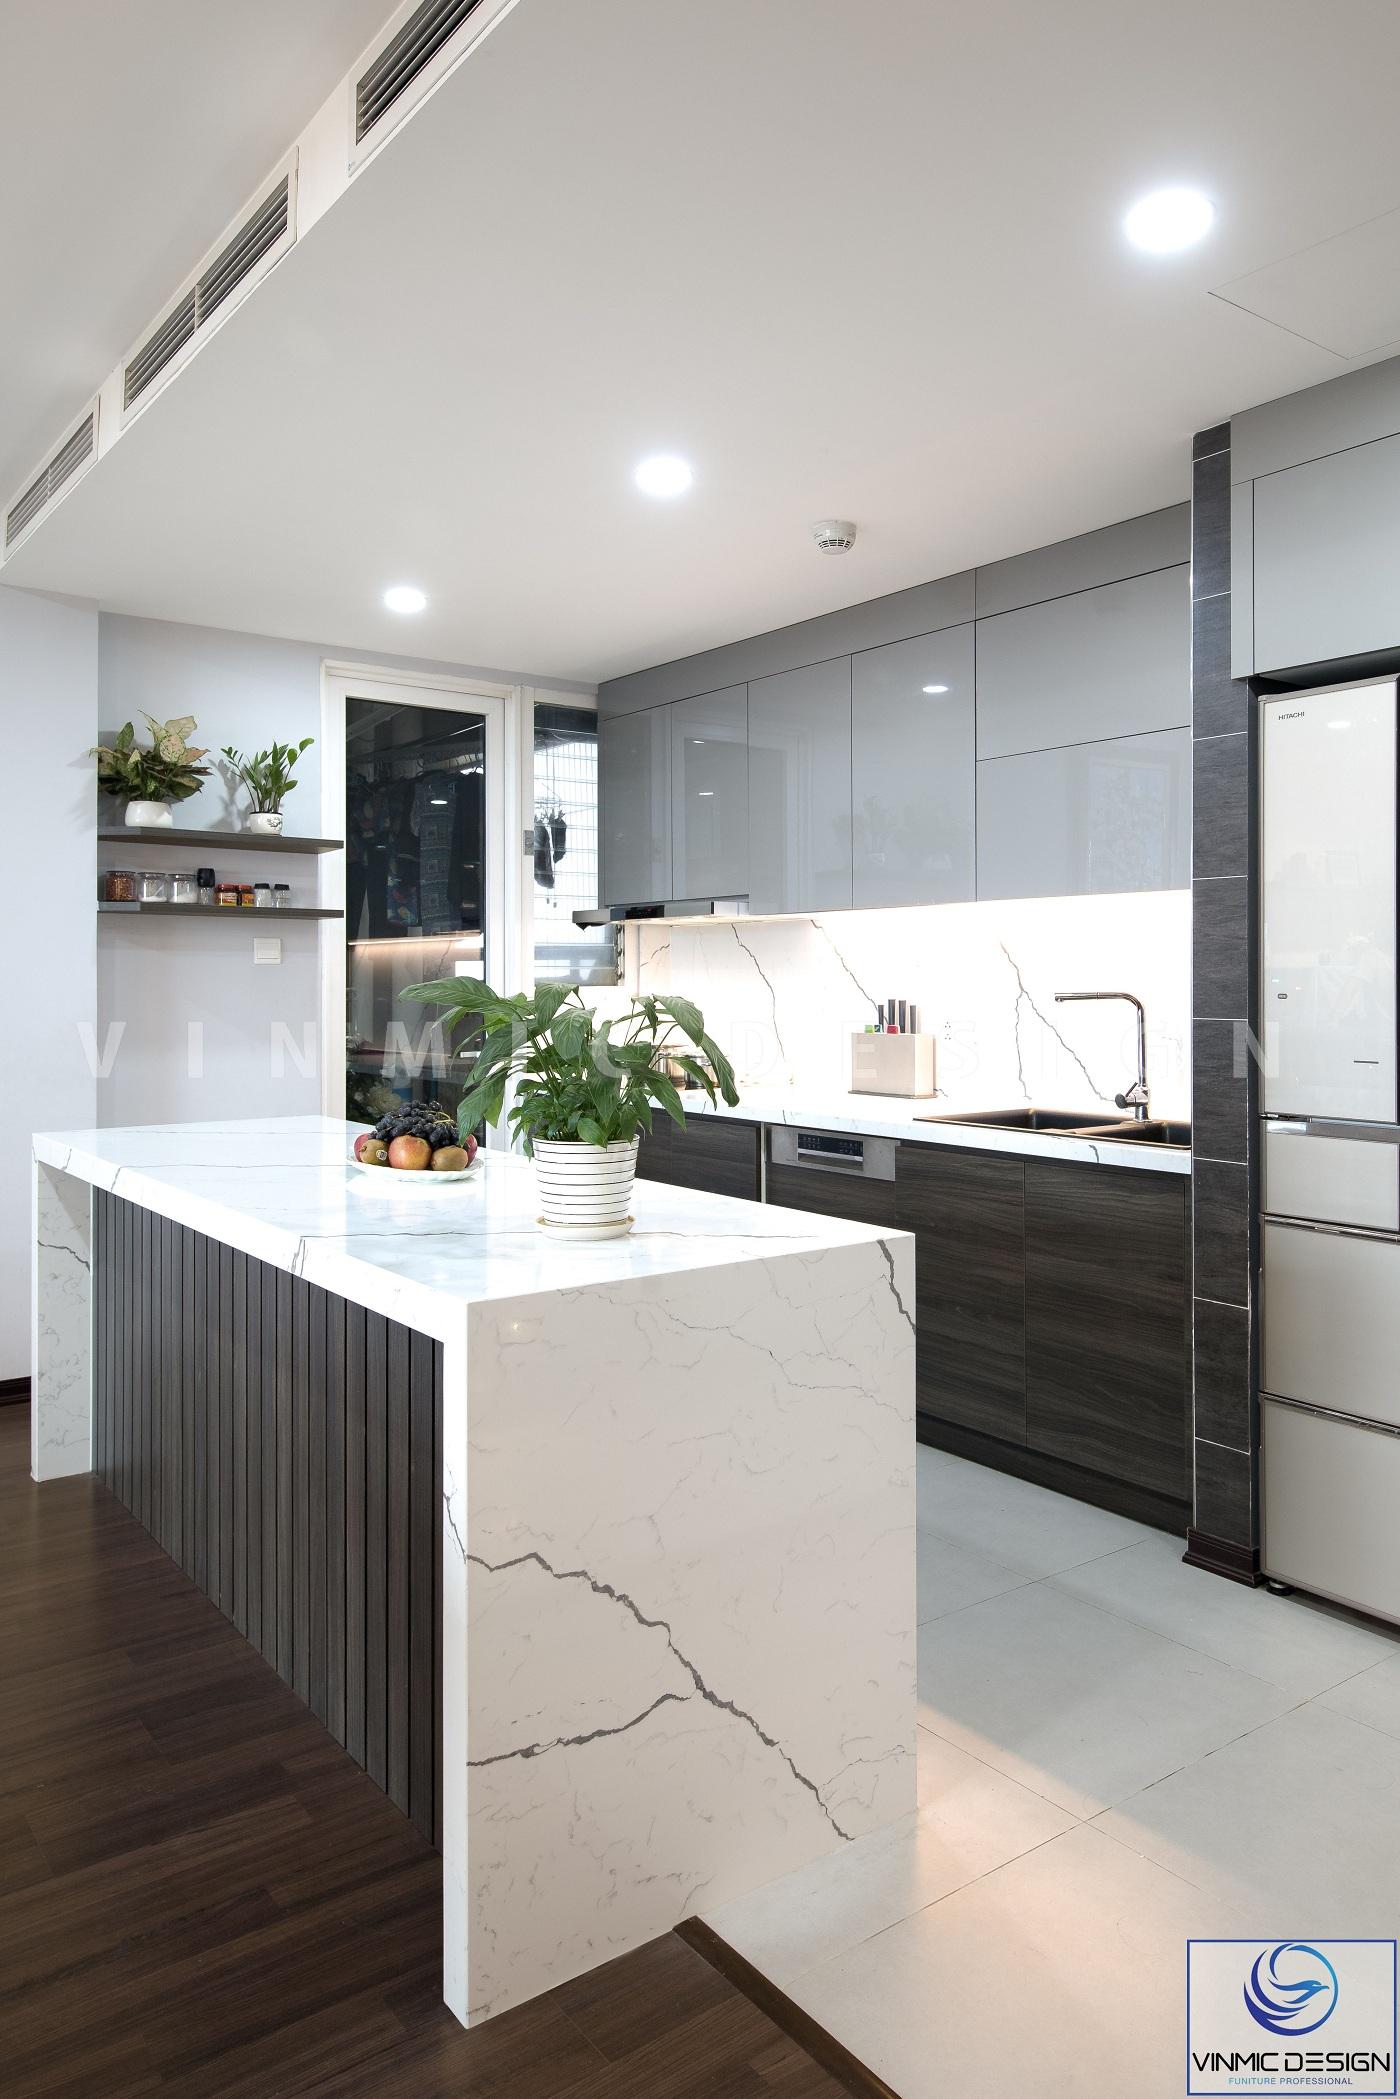 Thi công tủ bếp với bàn đá nhân tạo